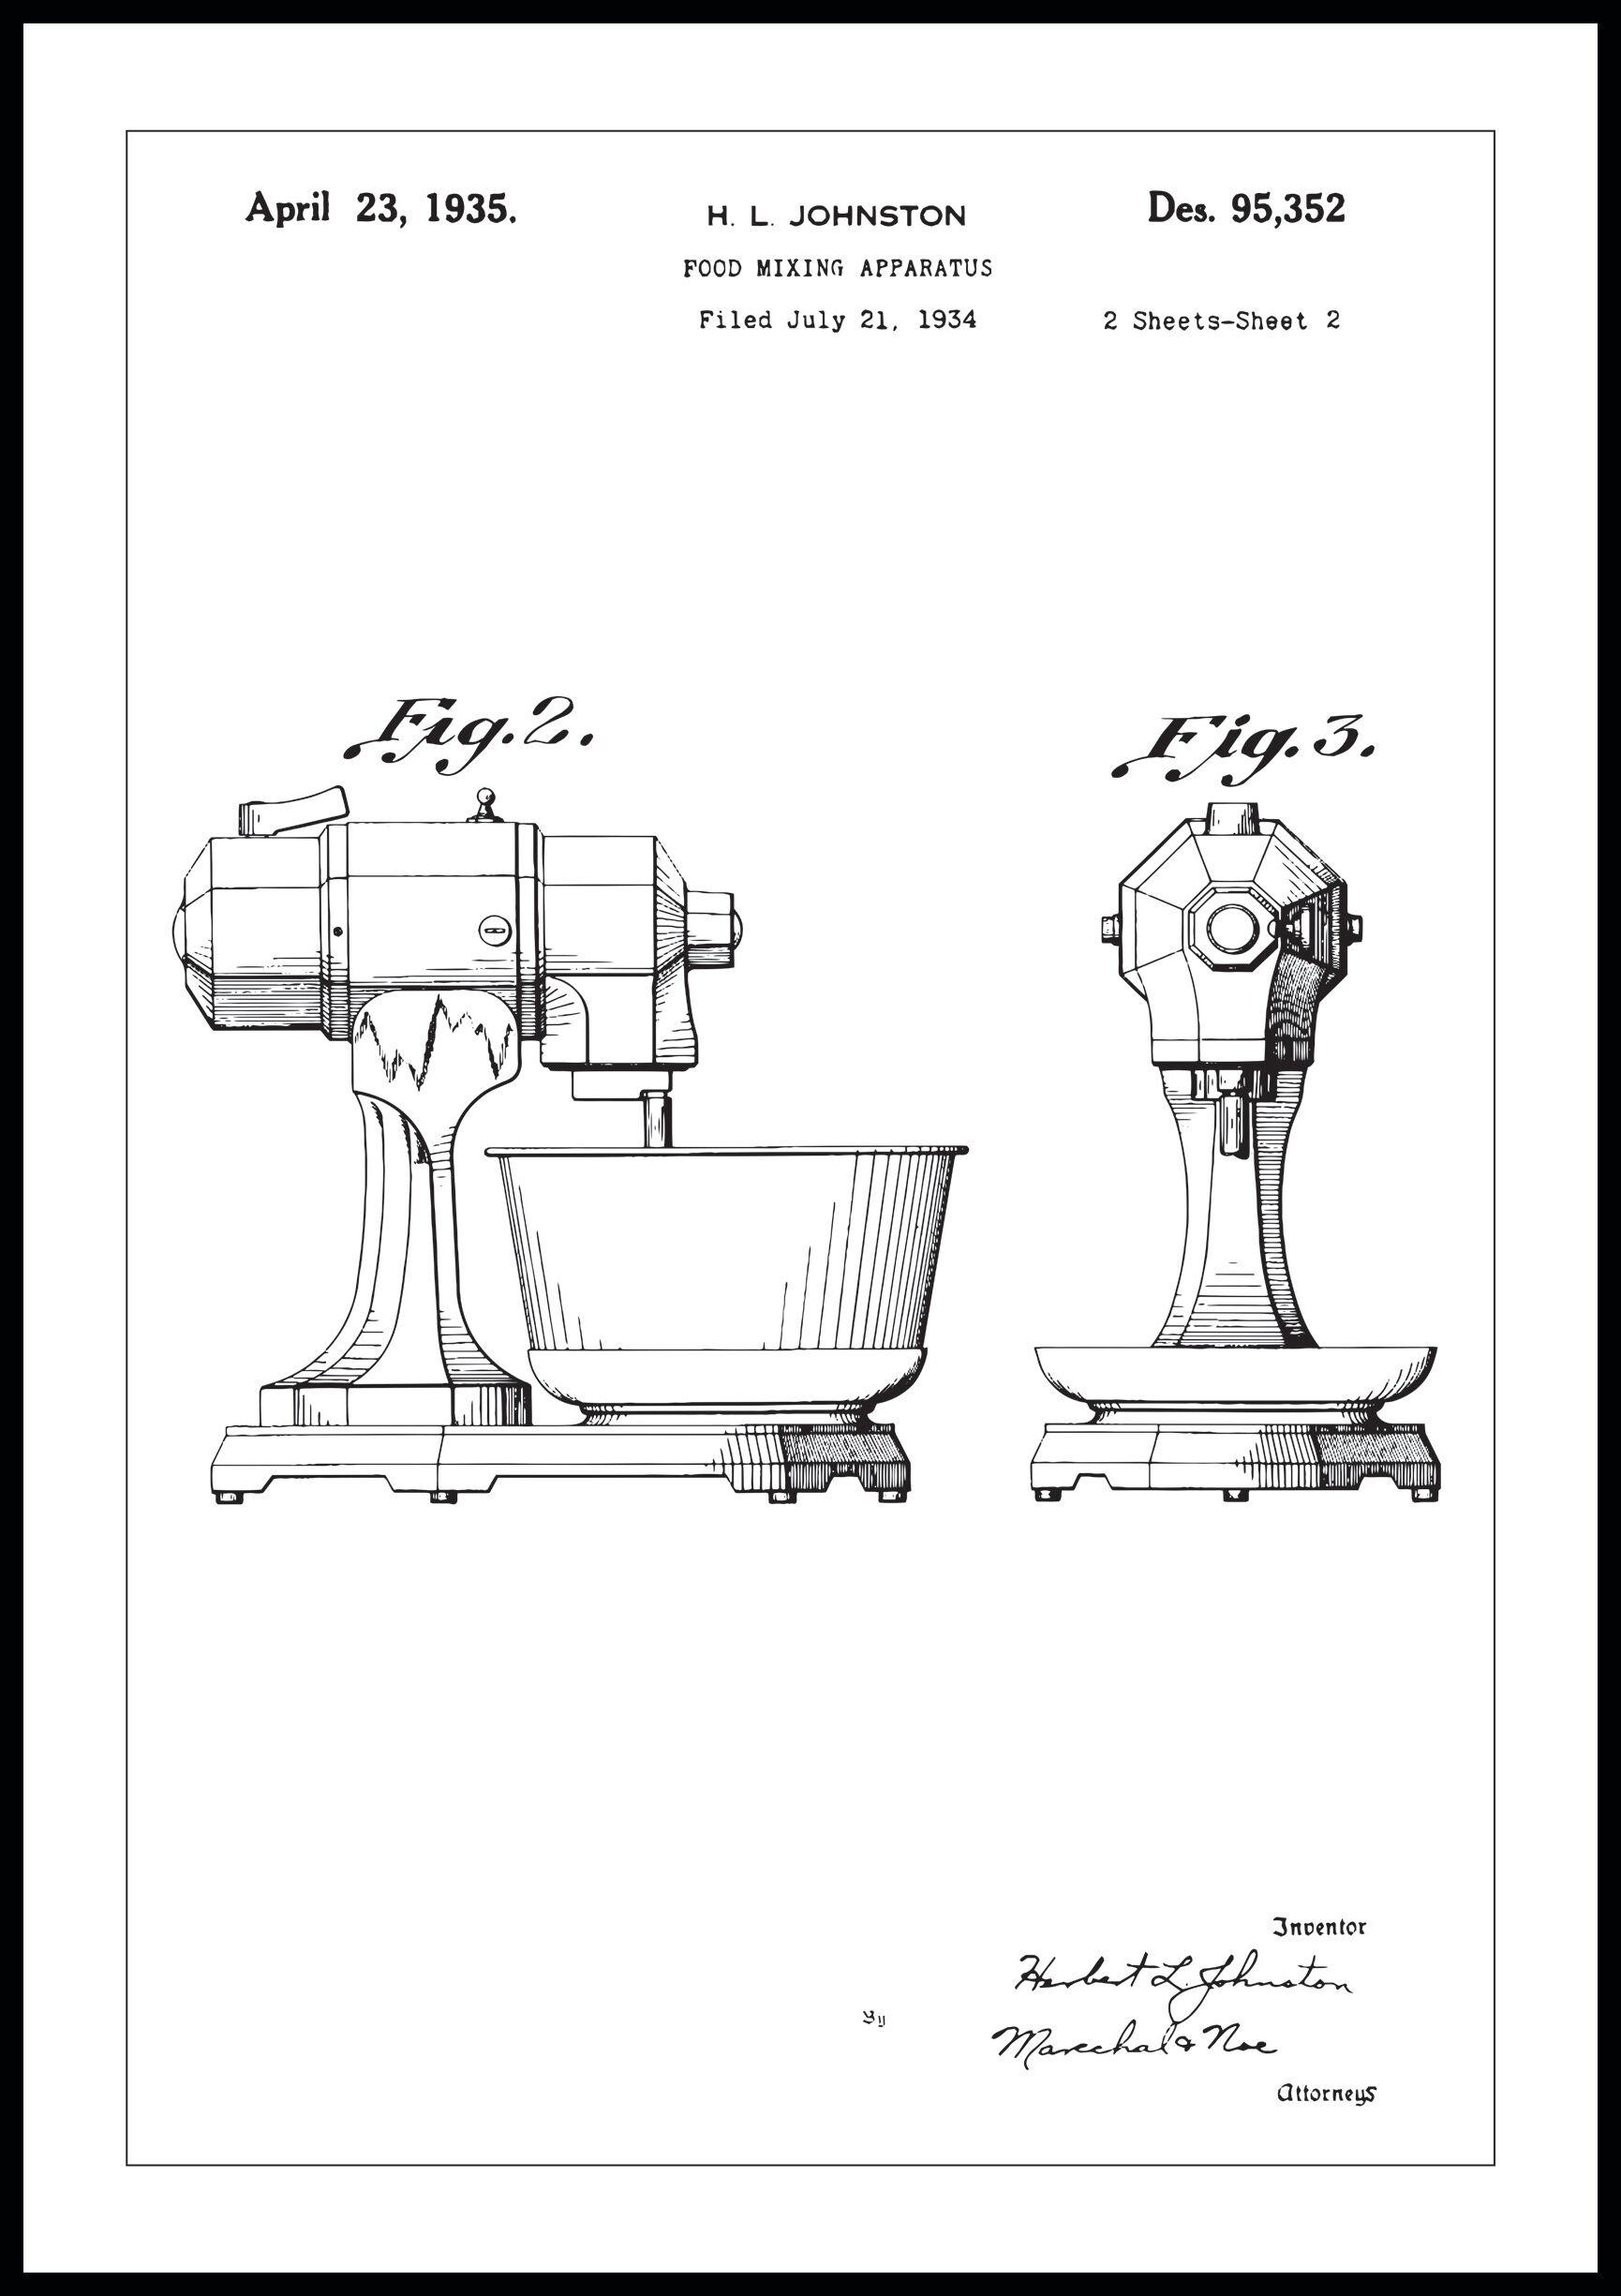 Bildverkstad Patentti Piirustus - Keittiökone II - Juliste